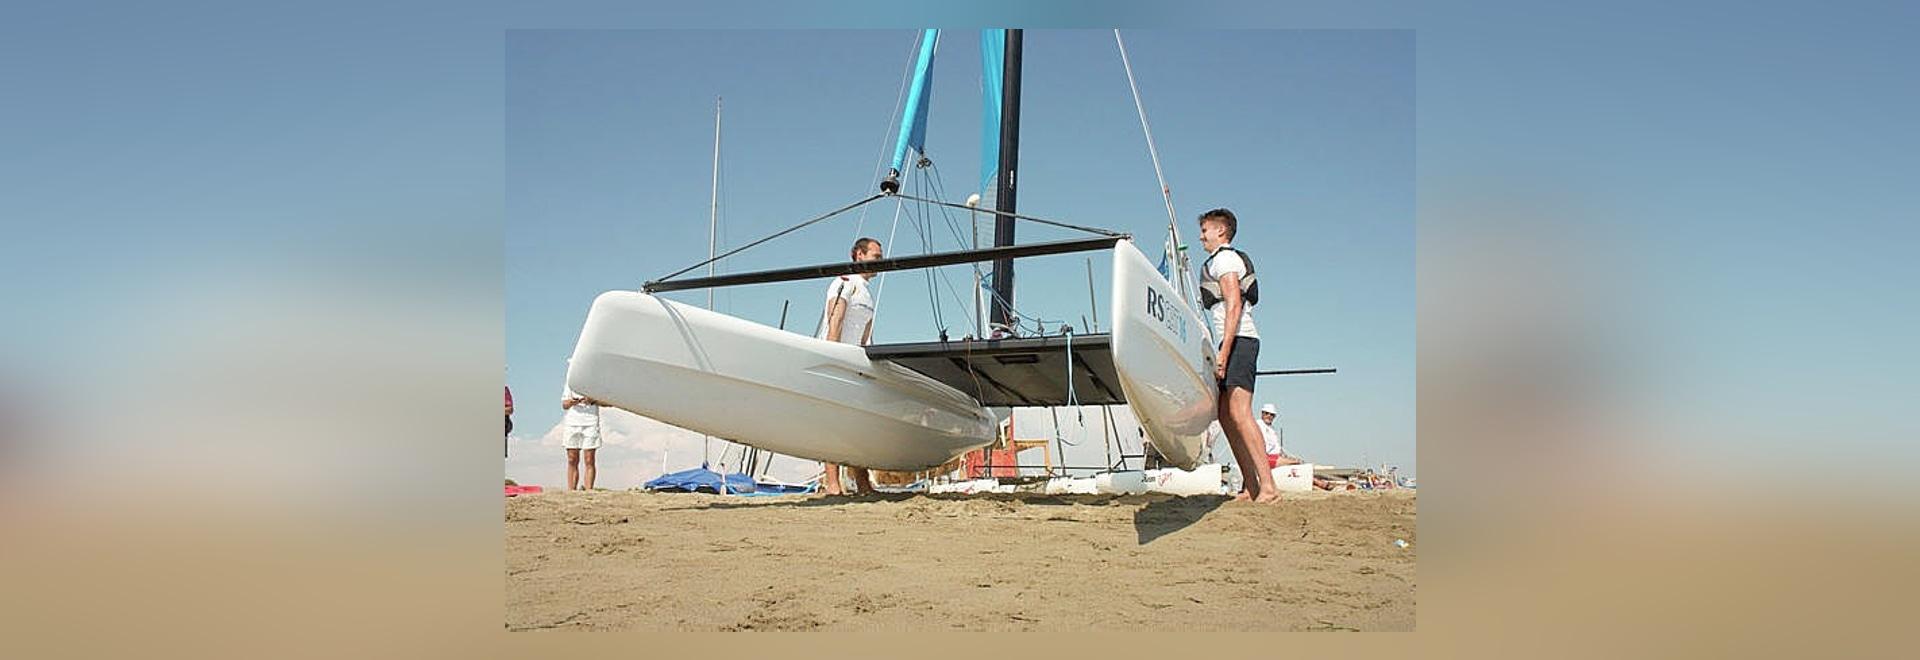 Segel katamaran innen  RS Segeln startet den Katamaran RS CAT 16 - RS Sailing